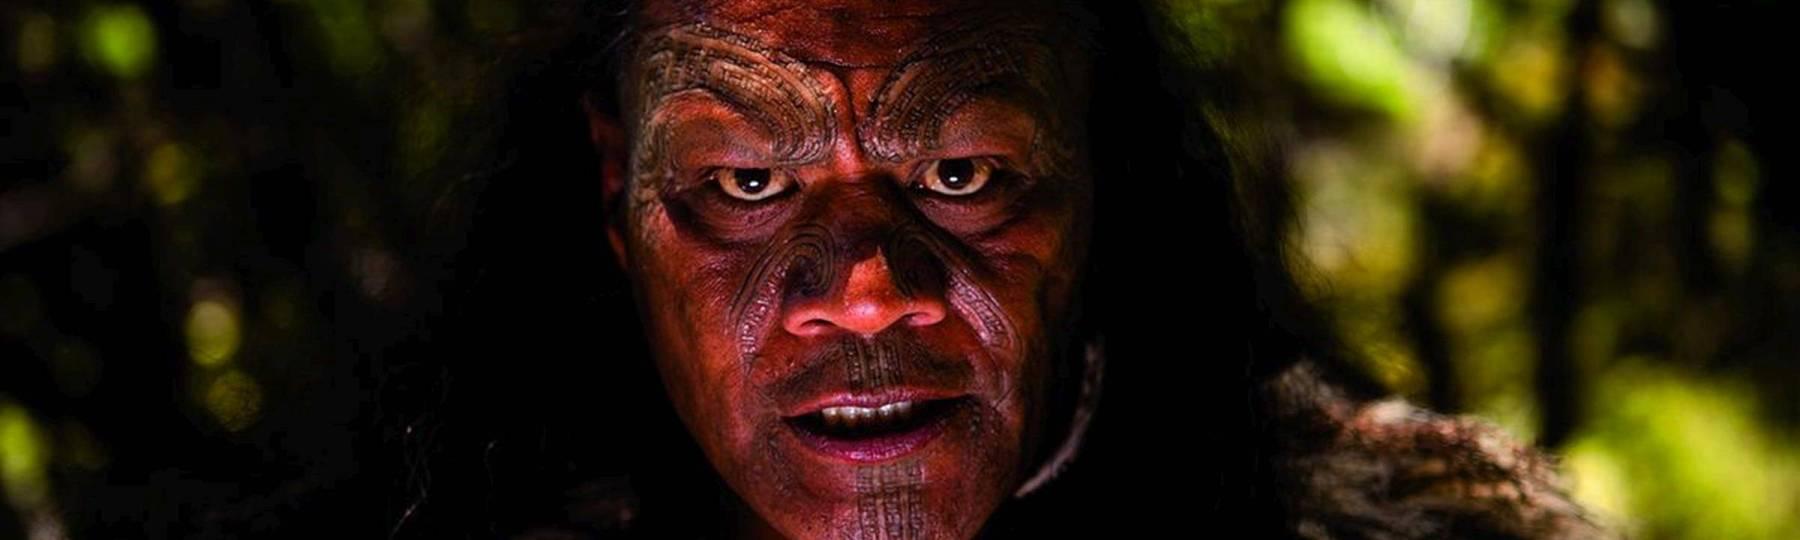 Film The Dead Lands Maori Gesicht